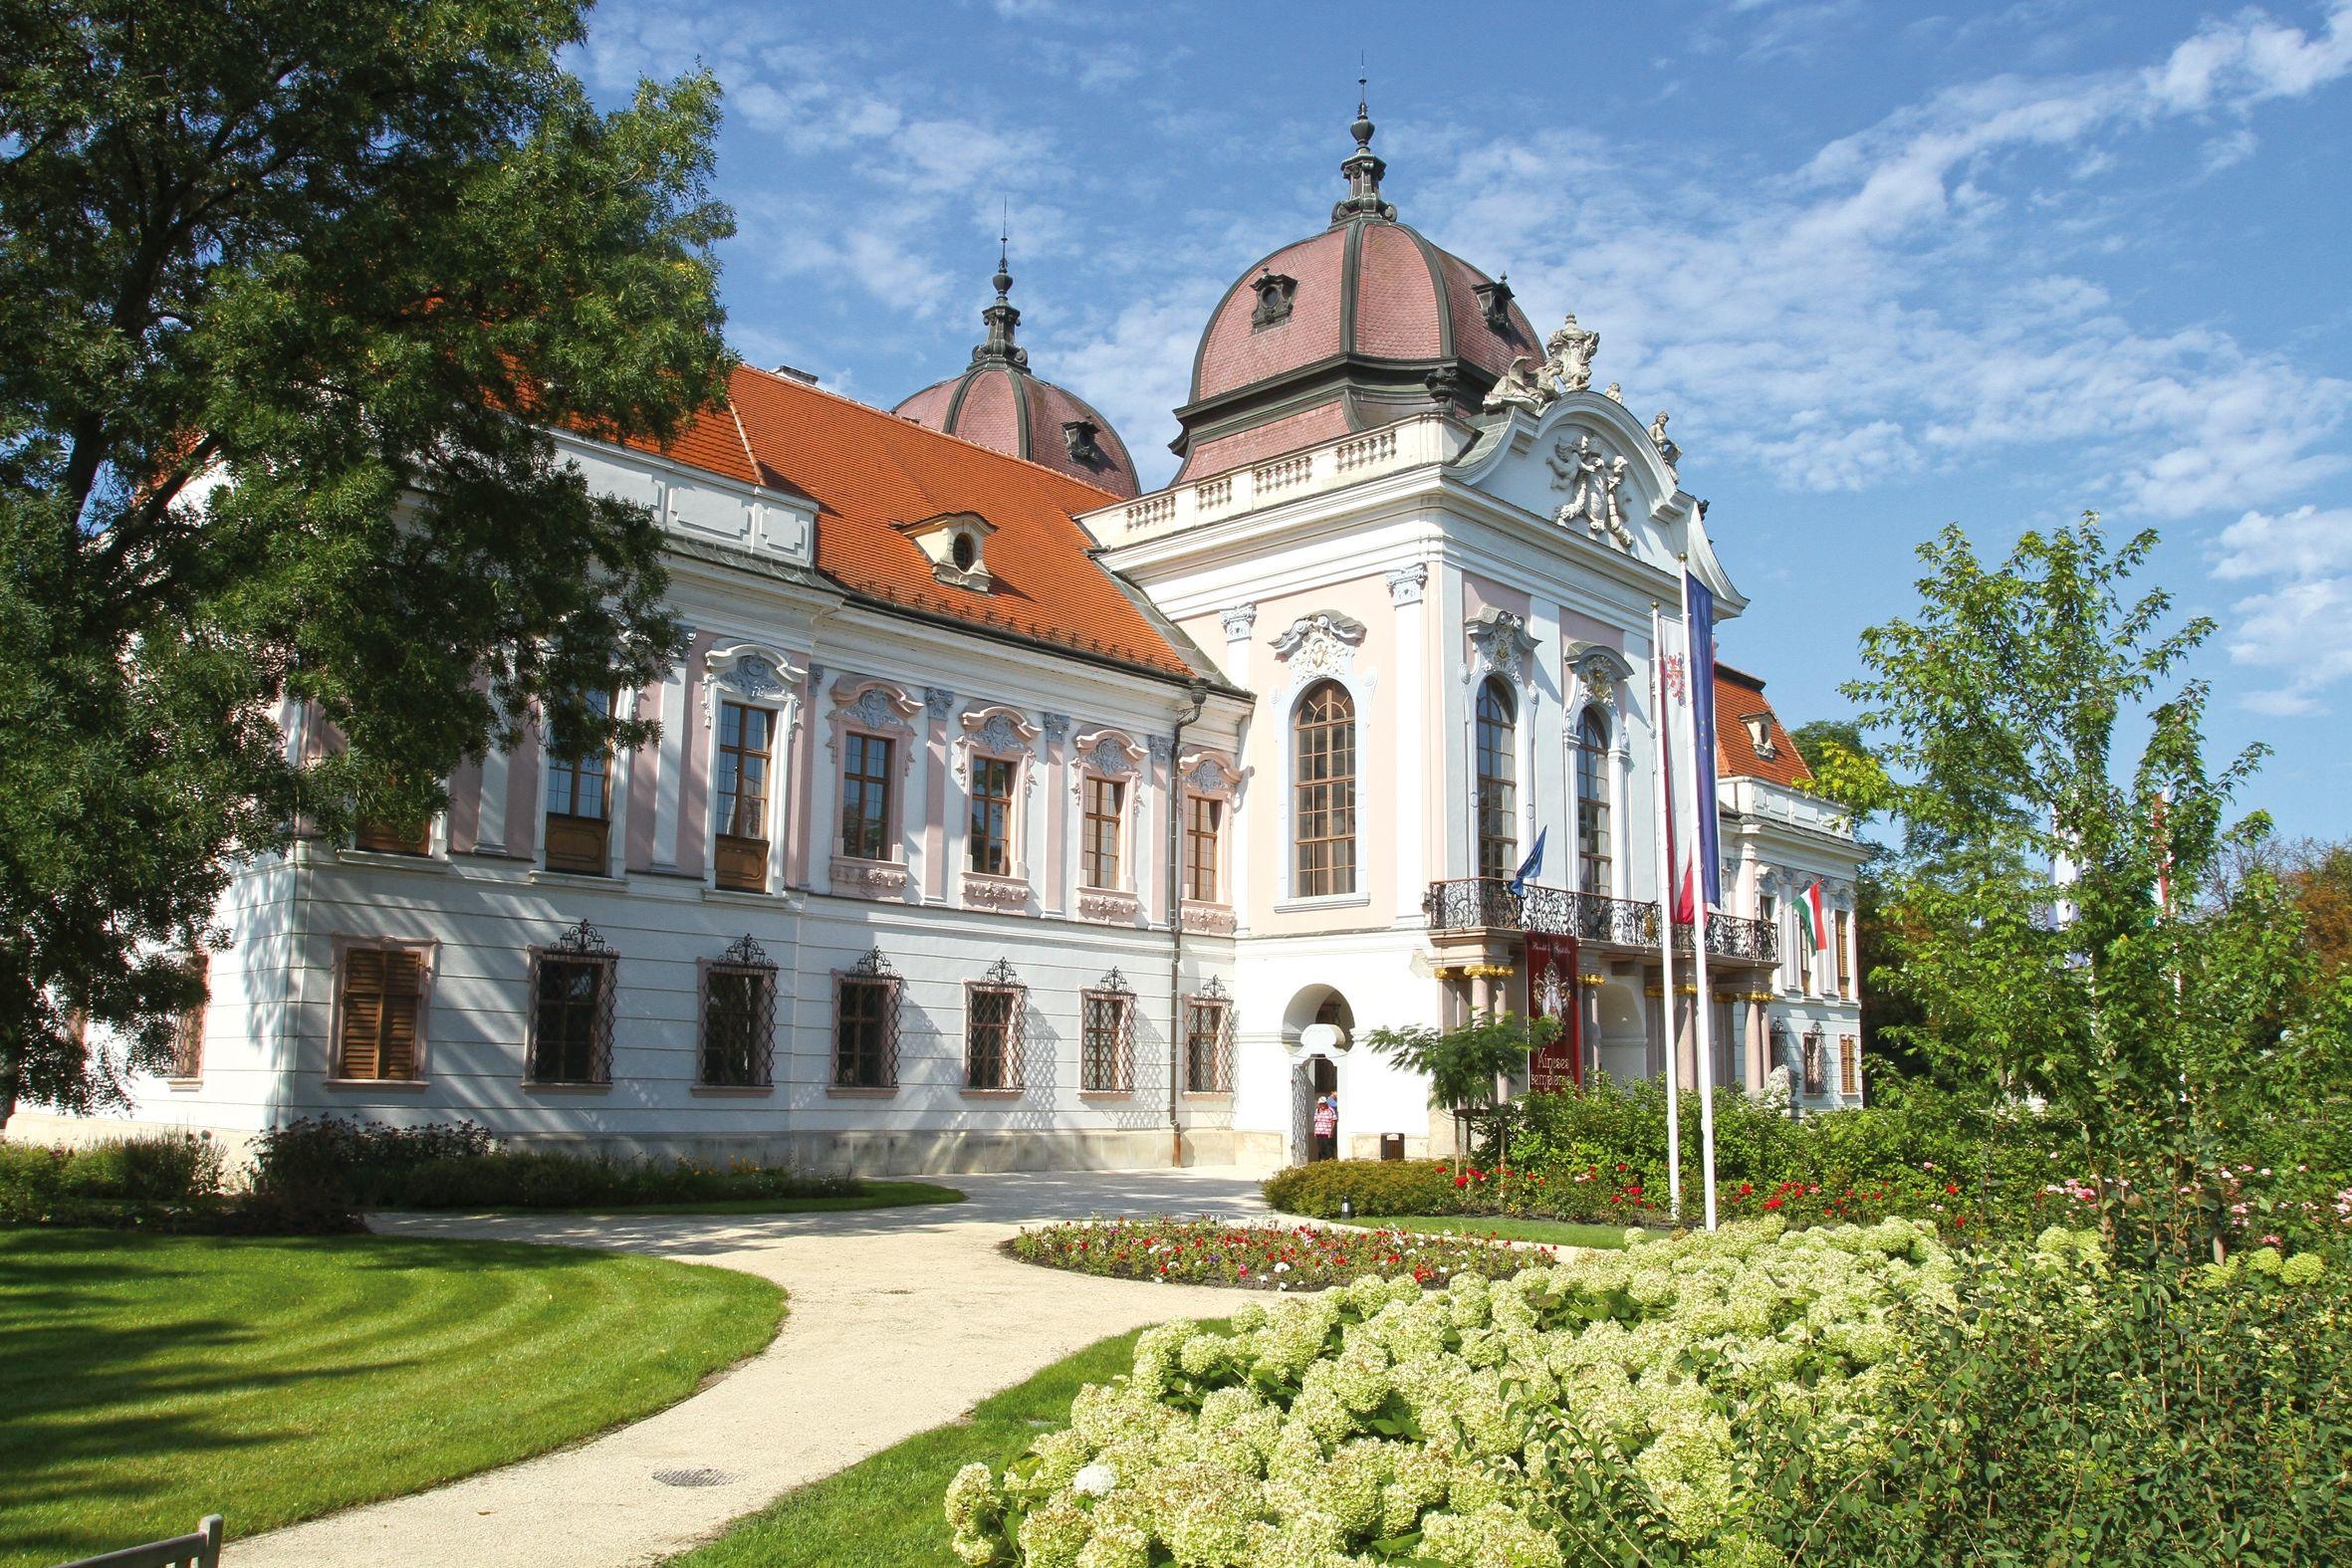 Ízes Magyarország: Lecsót a keceléből